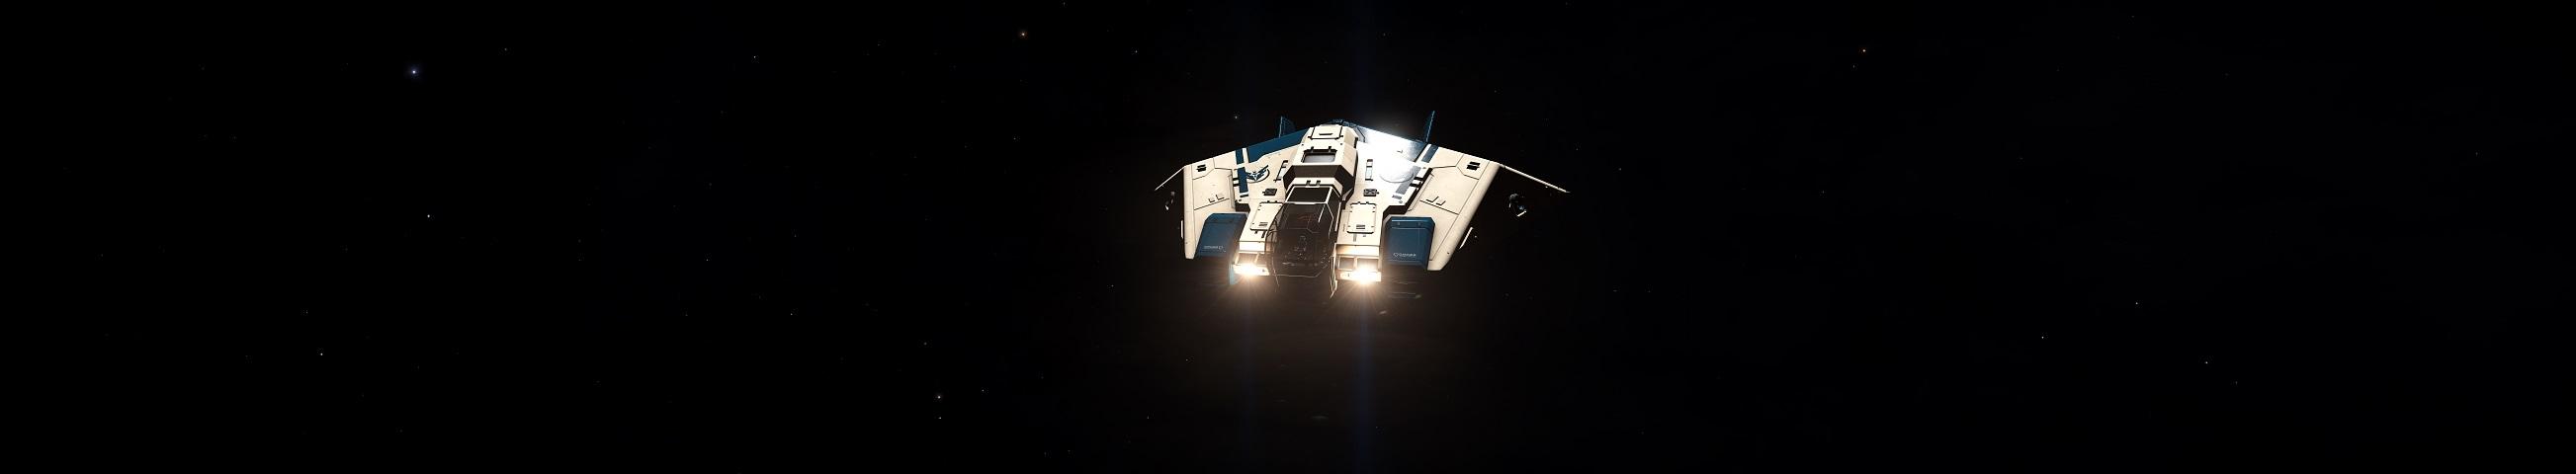 """meine treue Begleiterin, die""""B.S.C. Firefly"""" vom Typ ASP Explorer"""